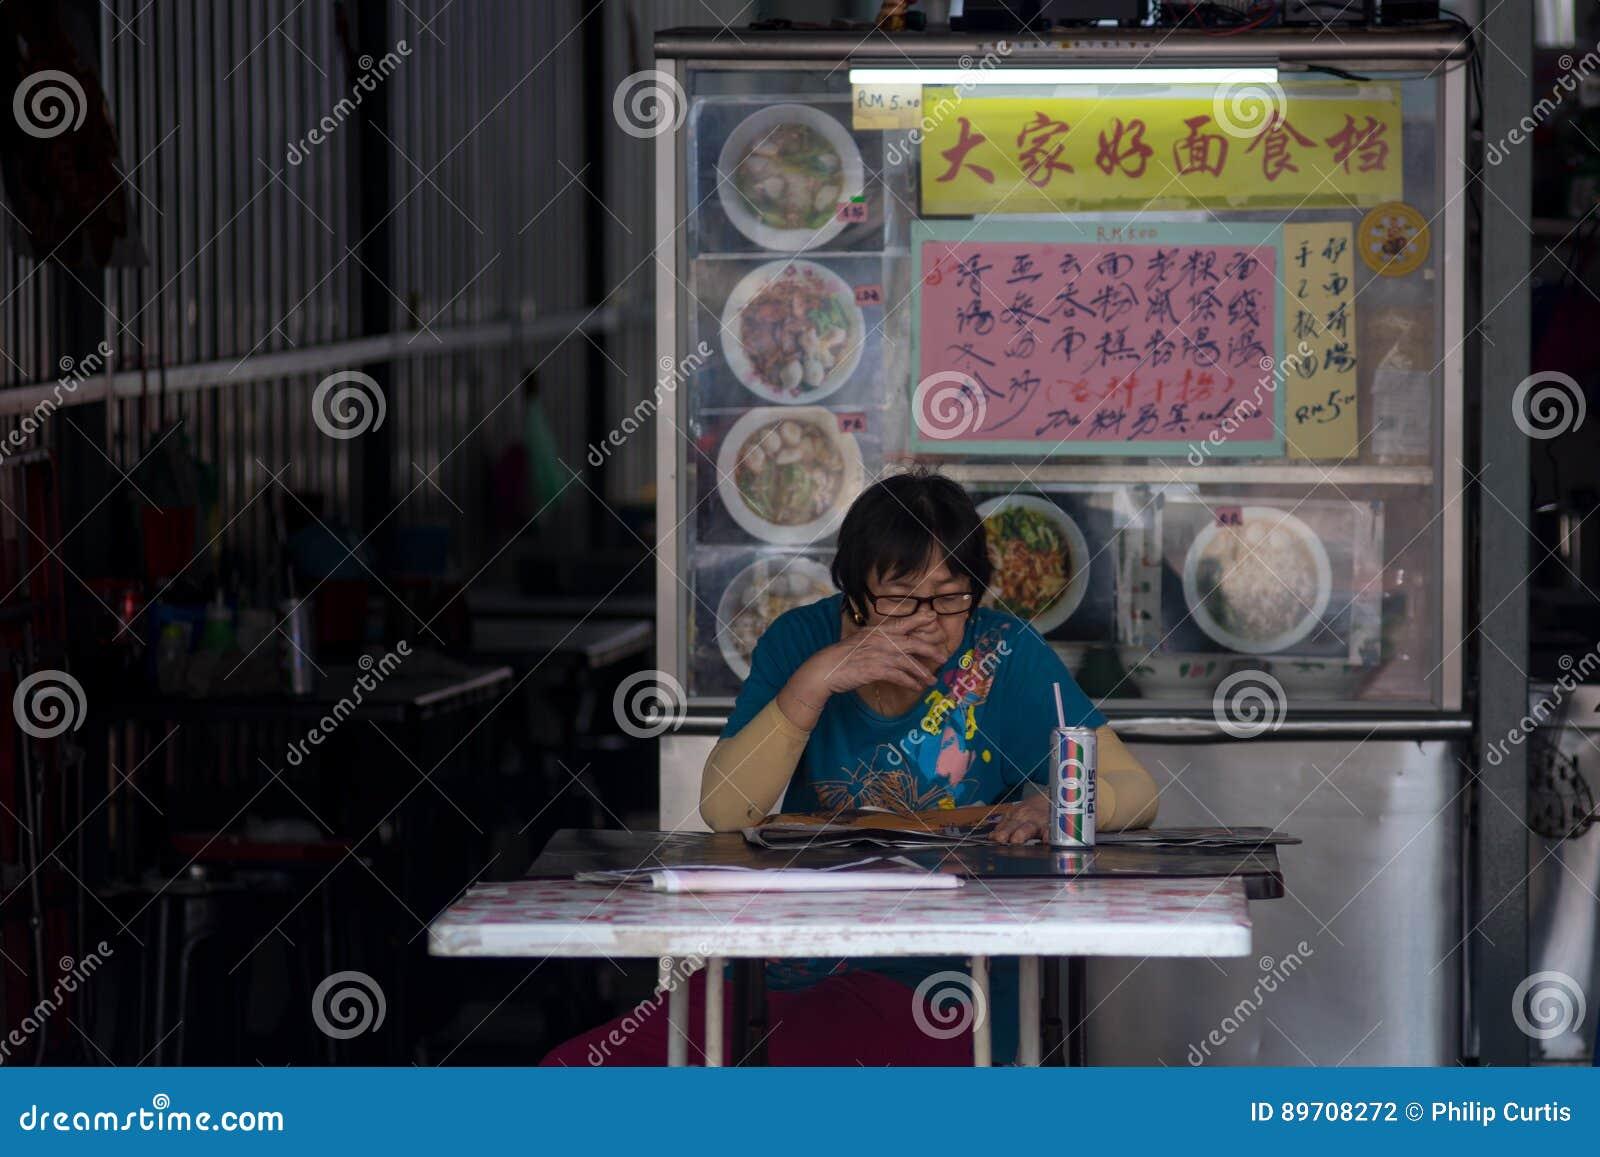 Malacca, Malaysia, 25/09/2016 Elderly Asian woman sat at Chinese